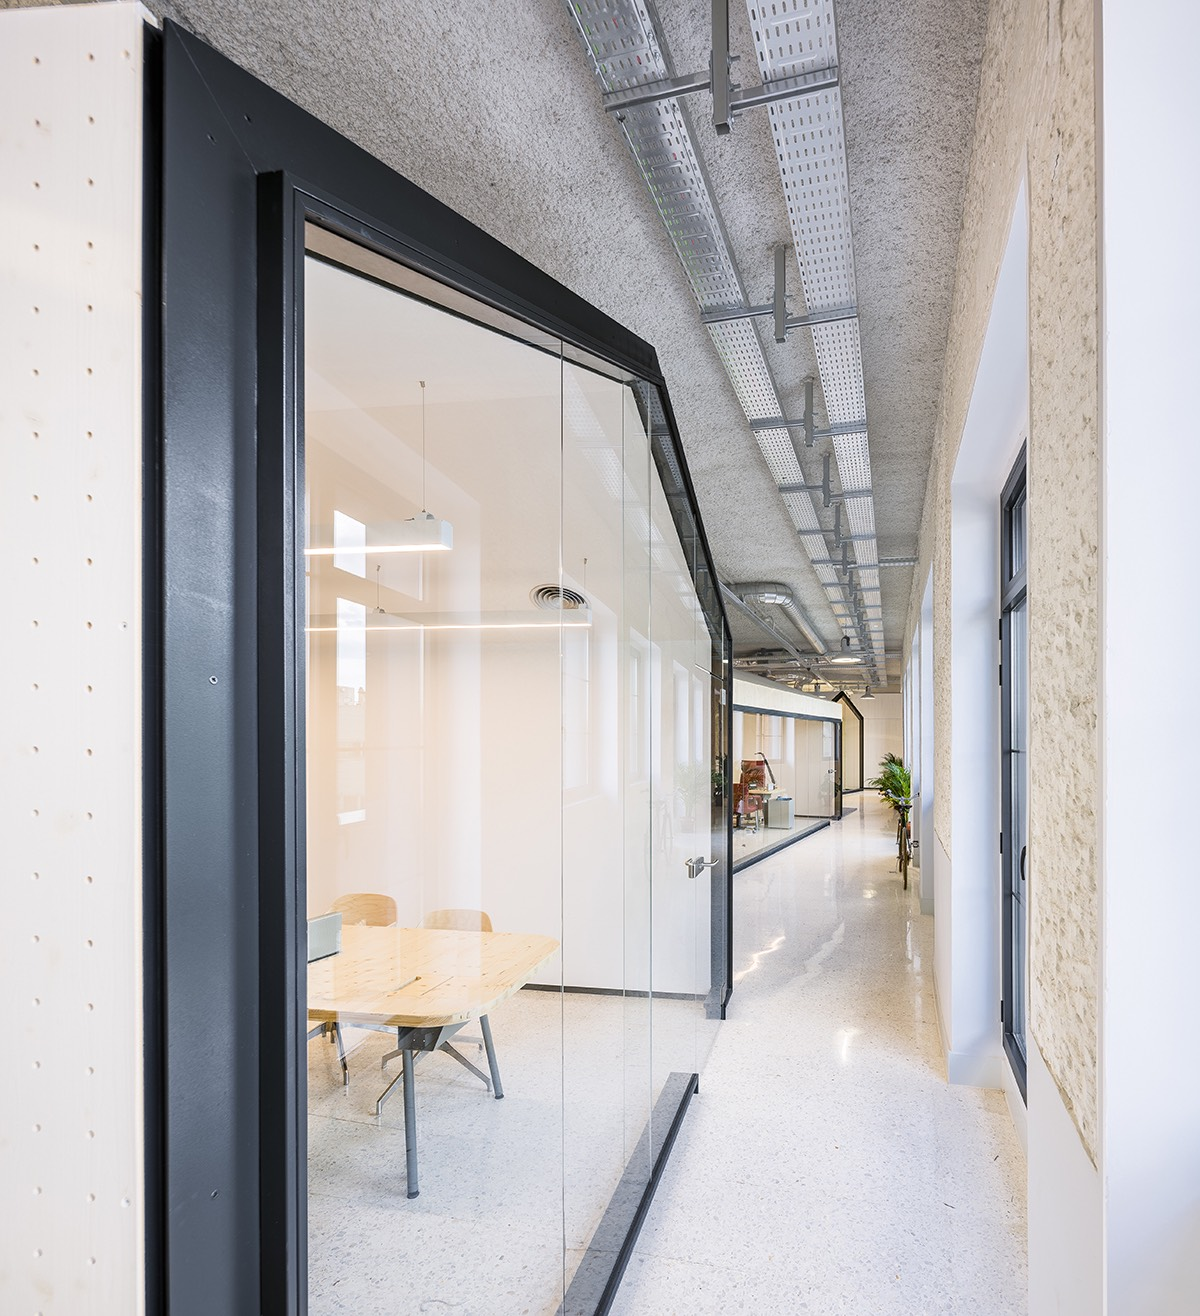 mccann-office-madrid-14